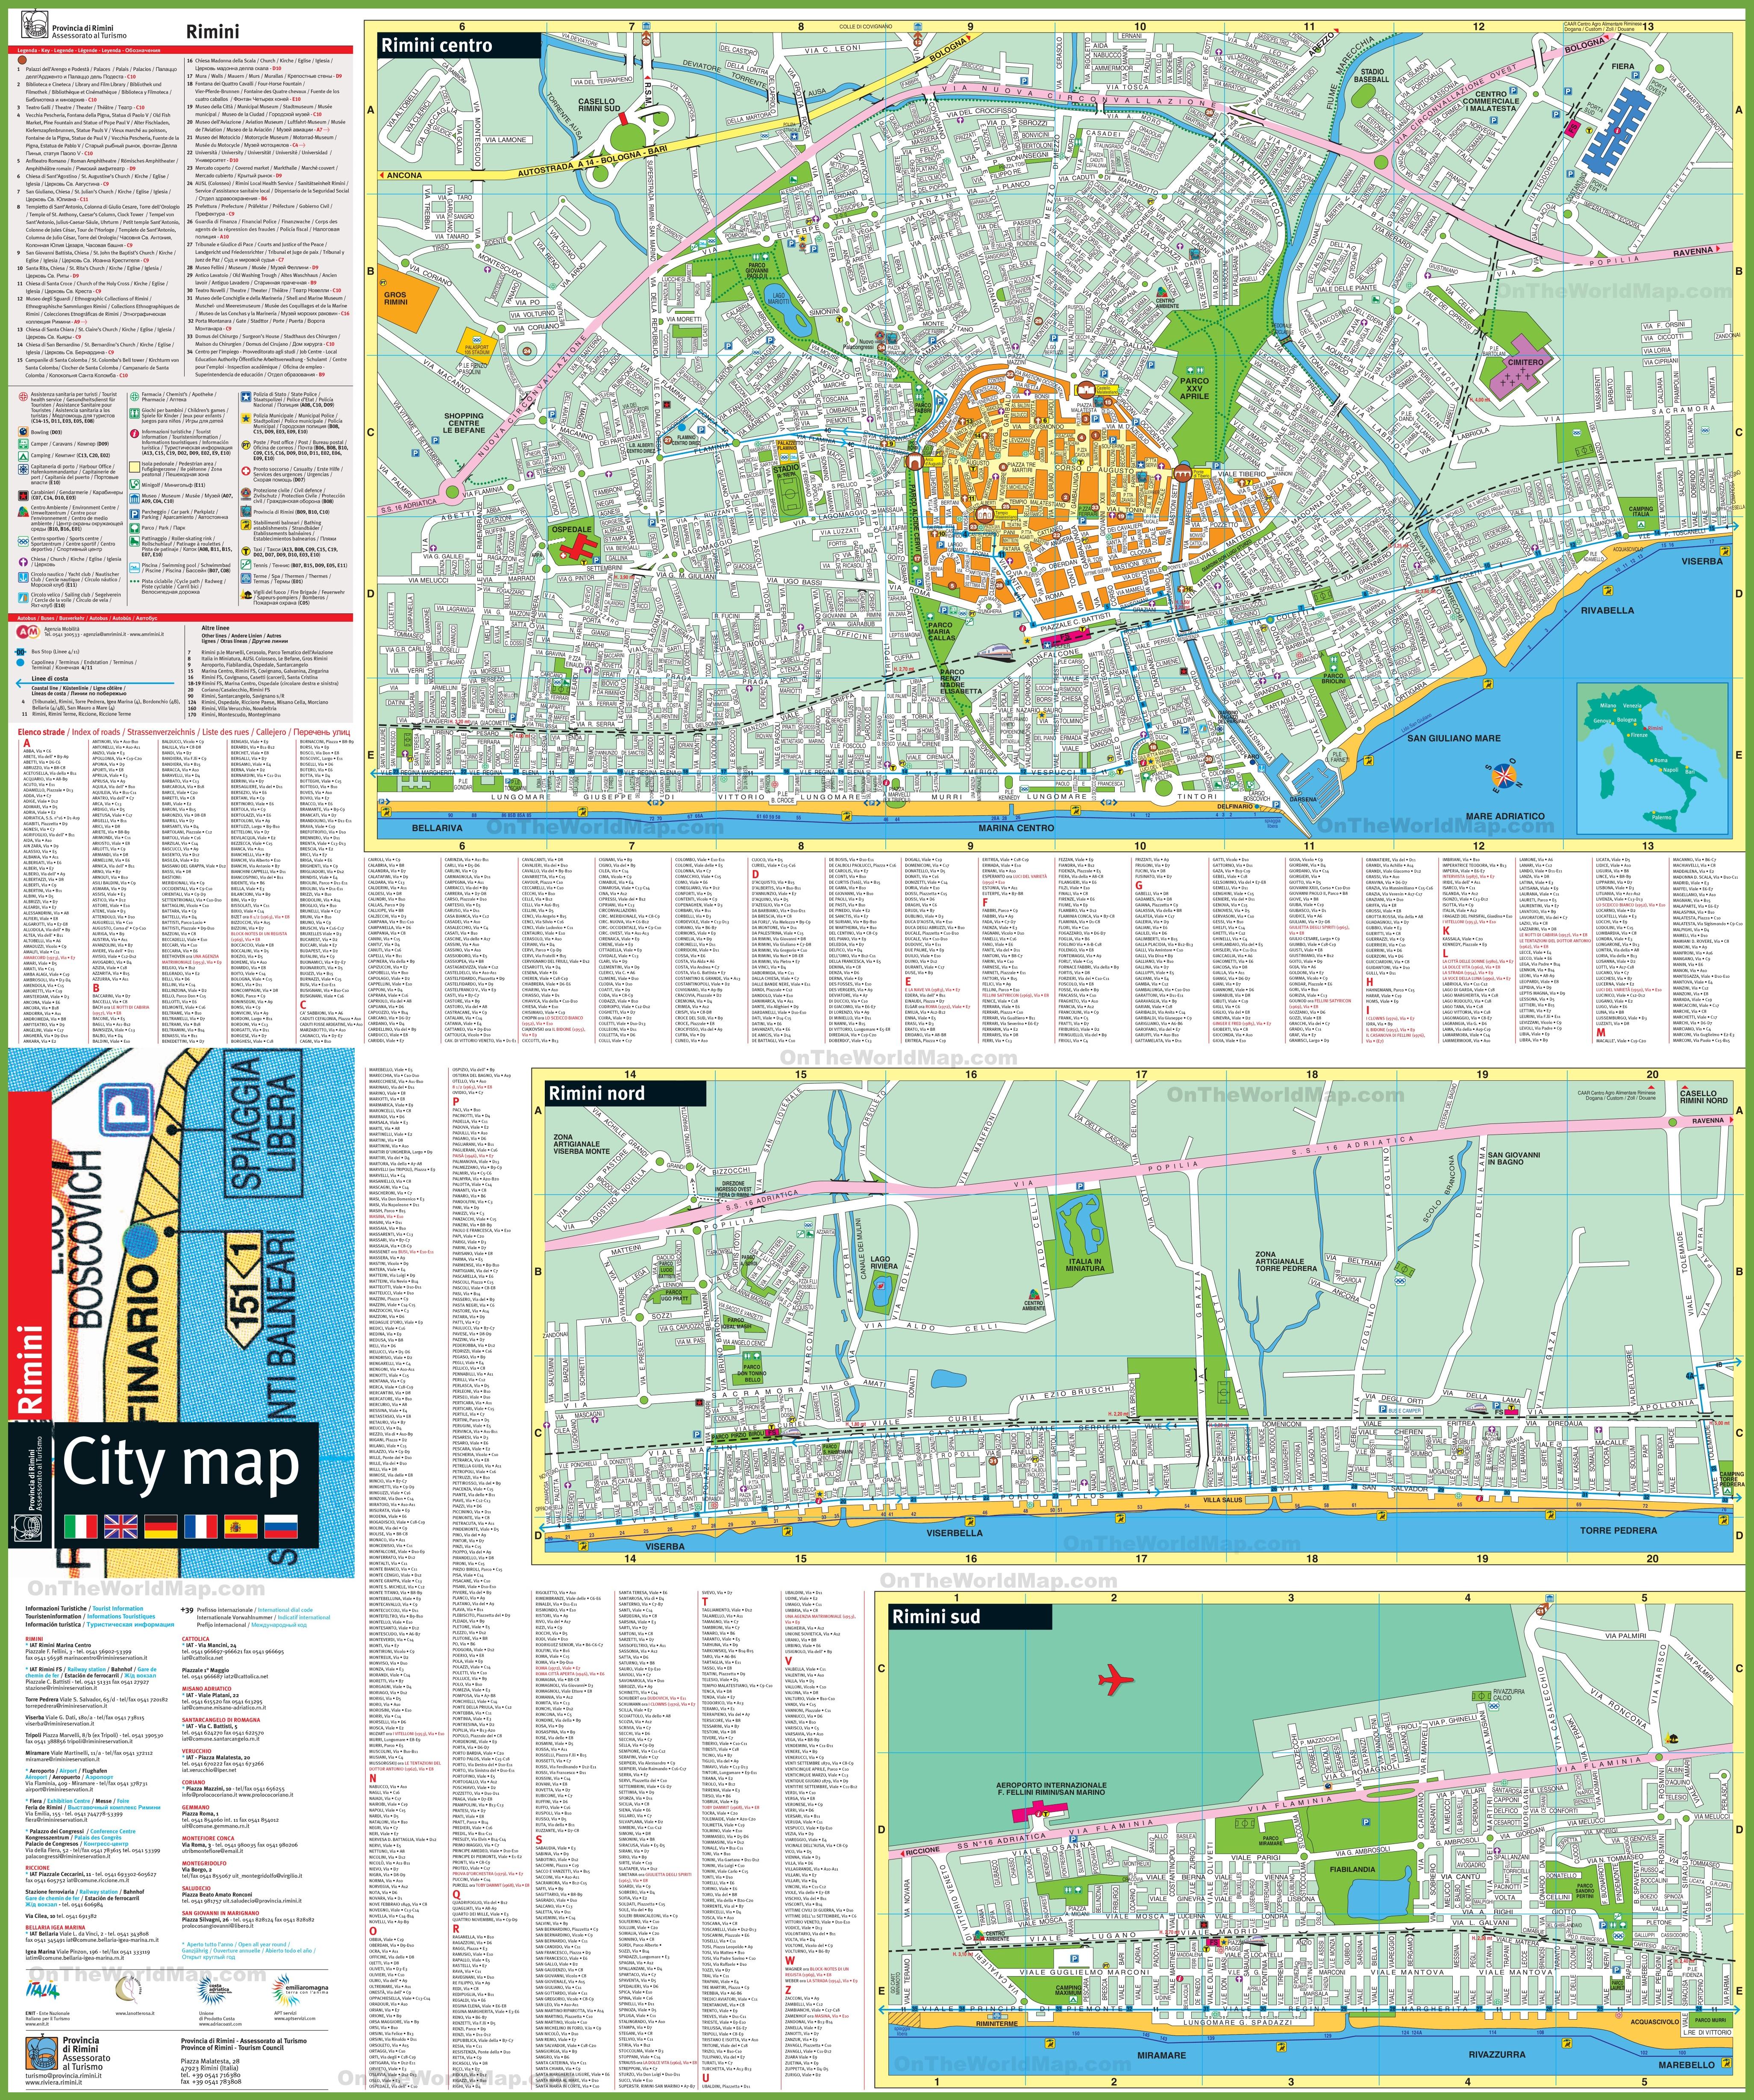 Rimini tourist attractions map